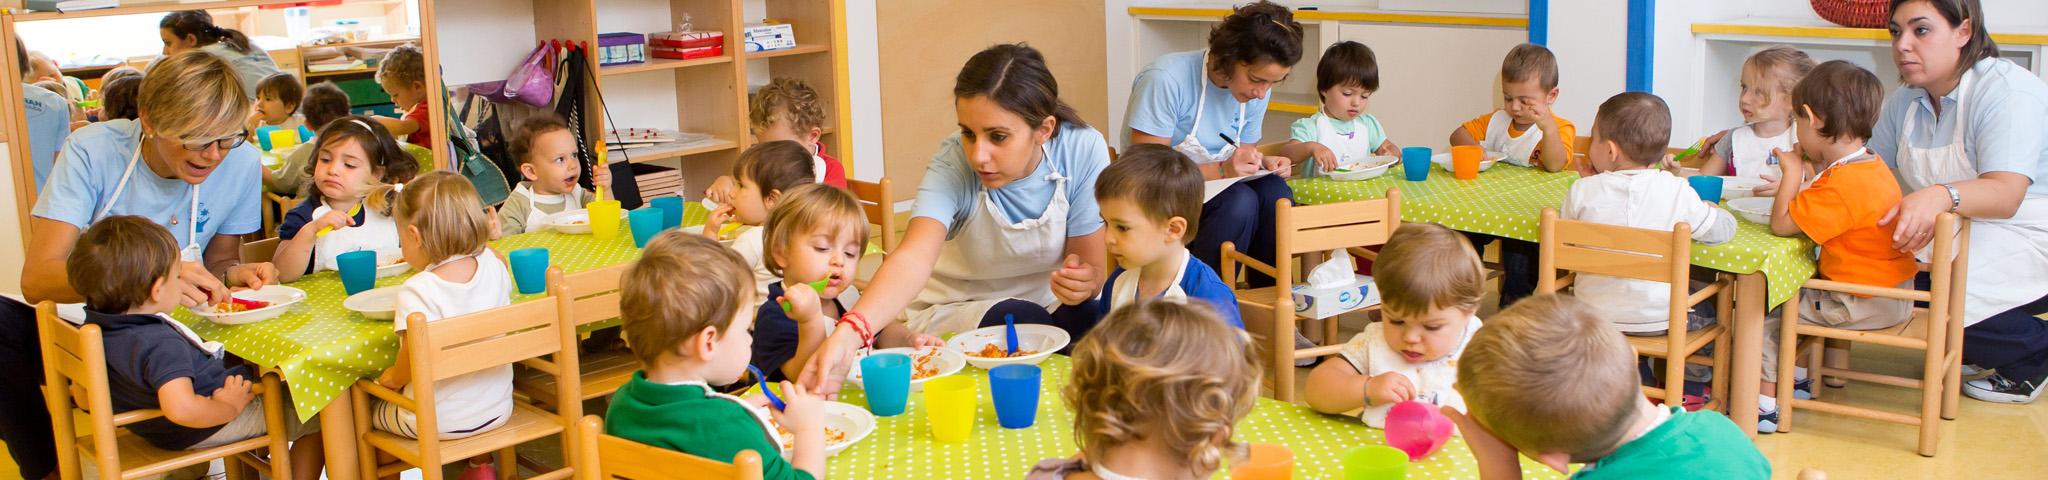 Cucina Happy Child - La corretta alimentazione sin dai primi anni